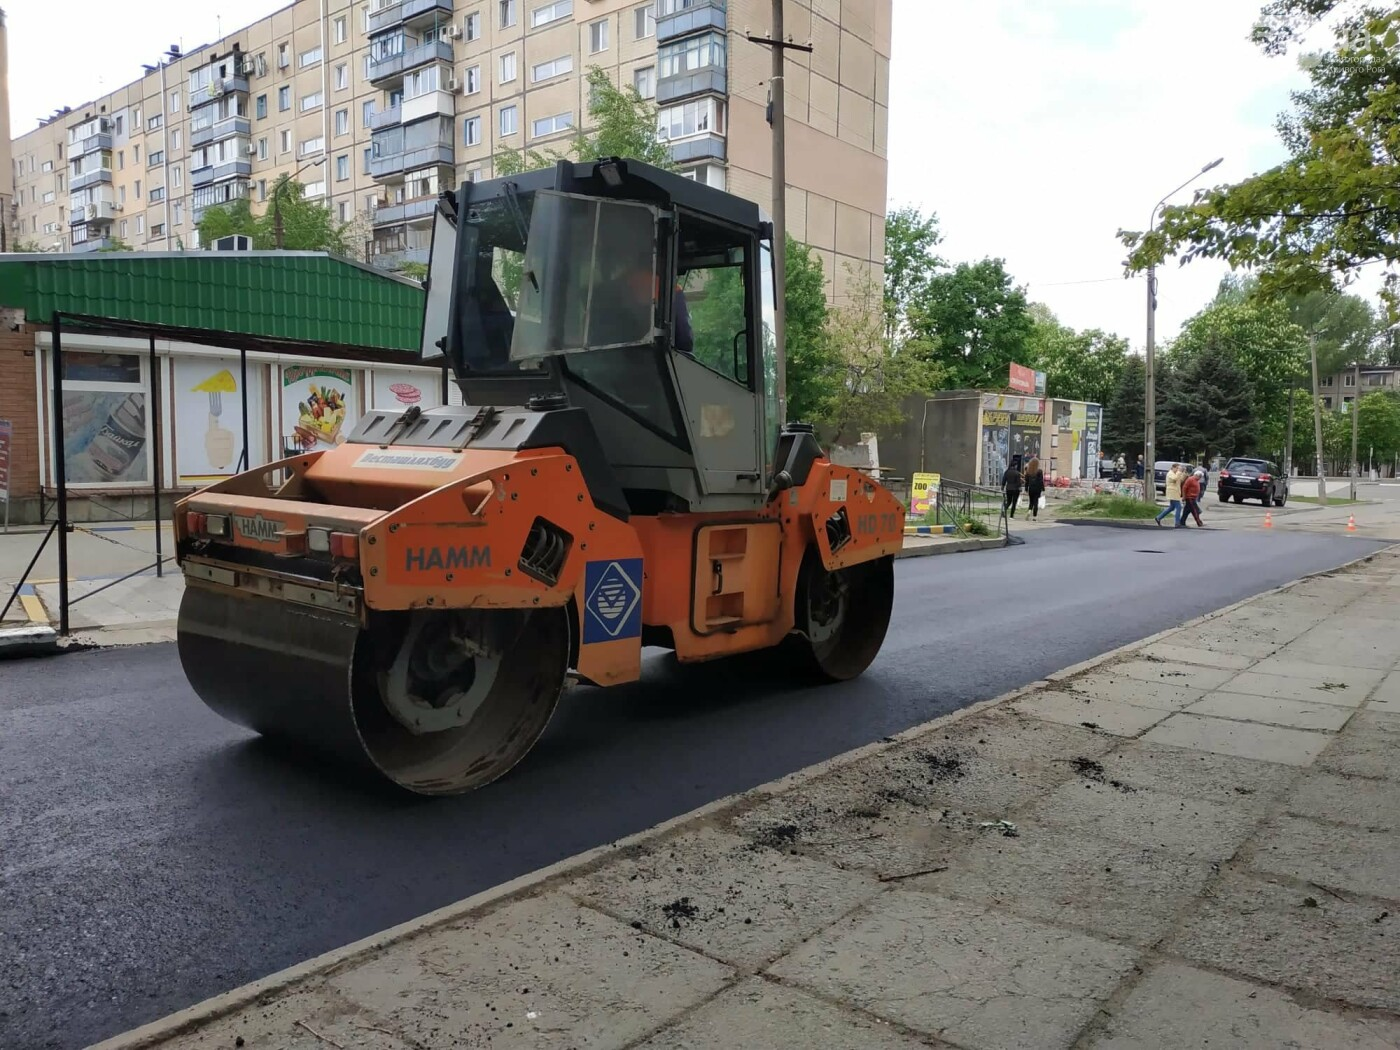 Благоустройство города: в Кривом Роге полным ходом идут ремонты дорог, фото-1